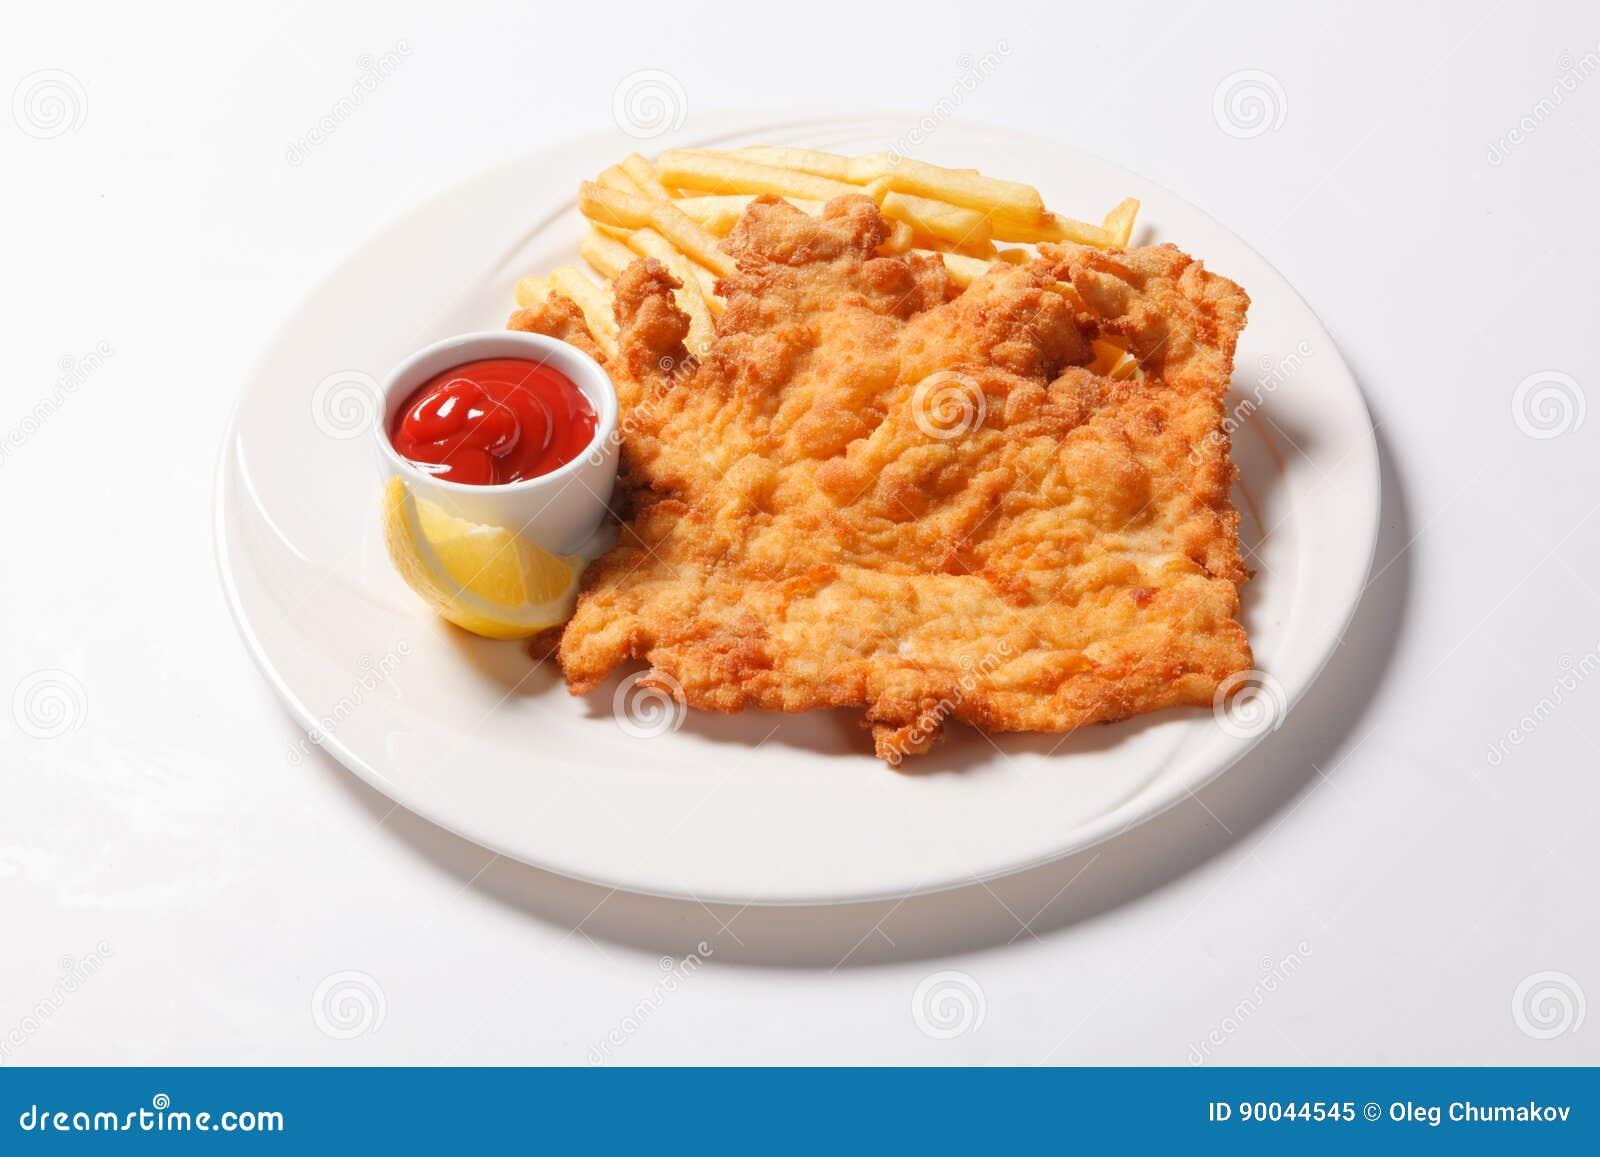 Pesce e patate fritte fritto sul piatto bianco